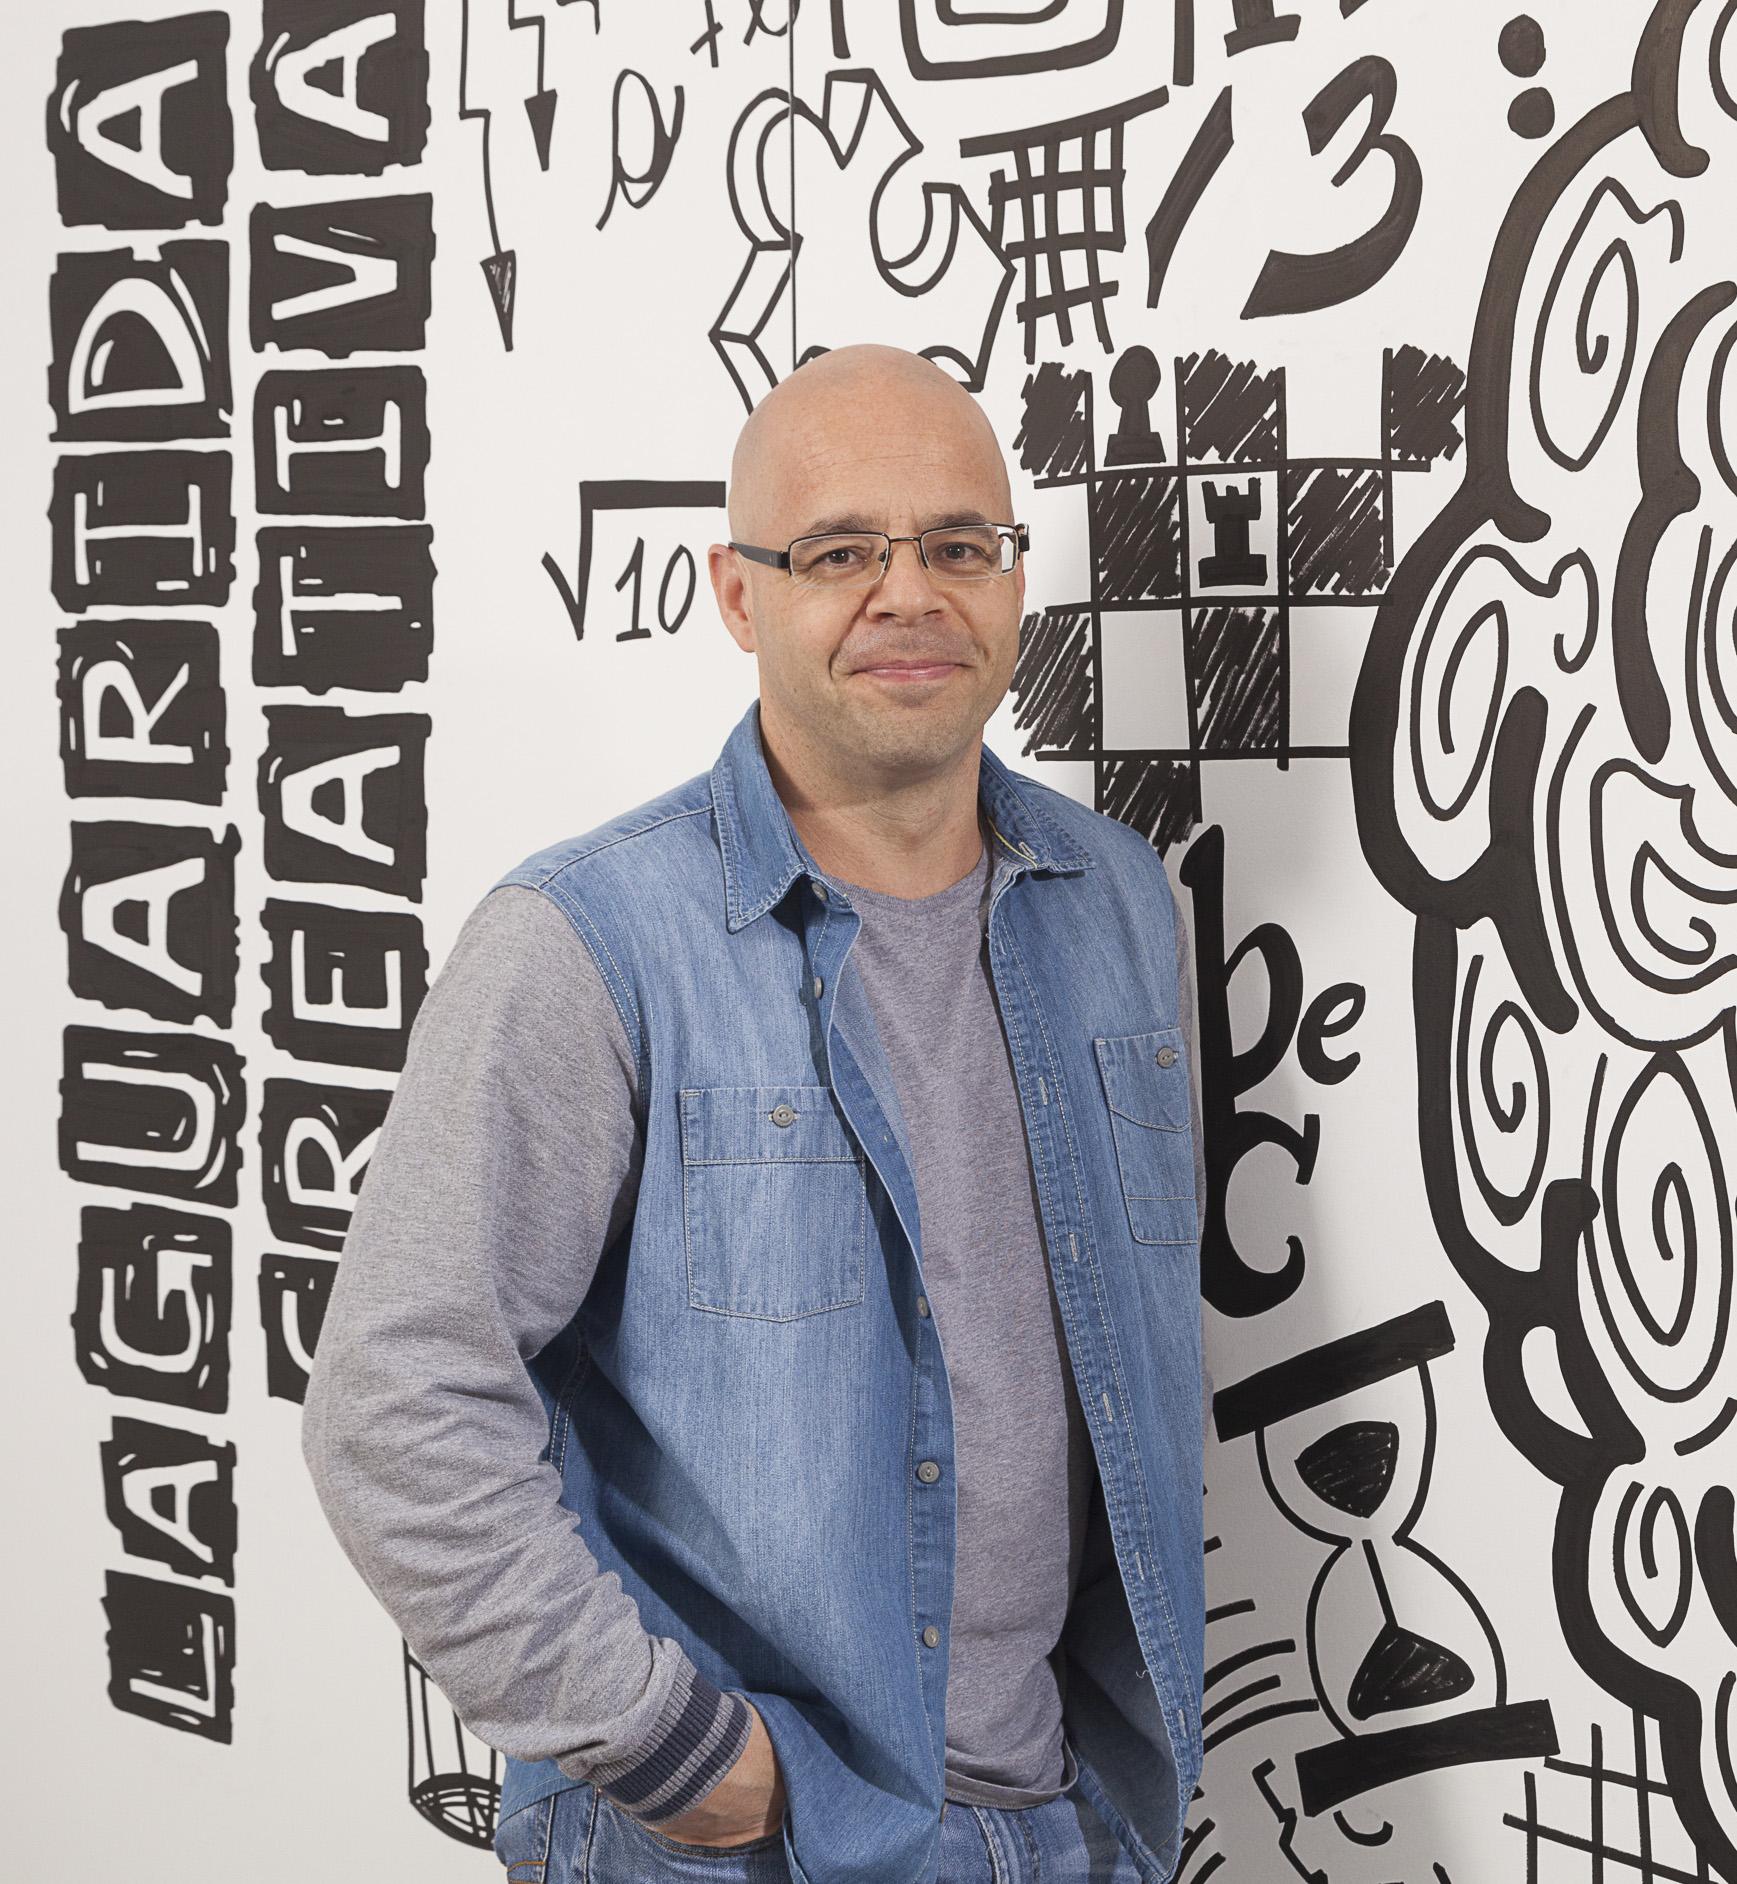 César MARTÍN VÁZQUEZ